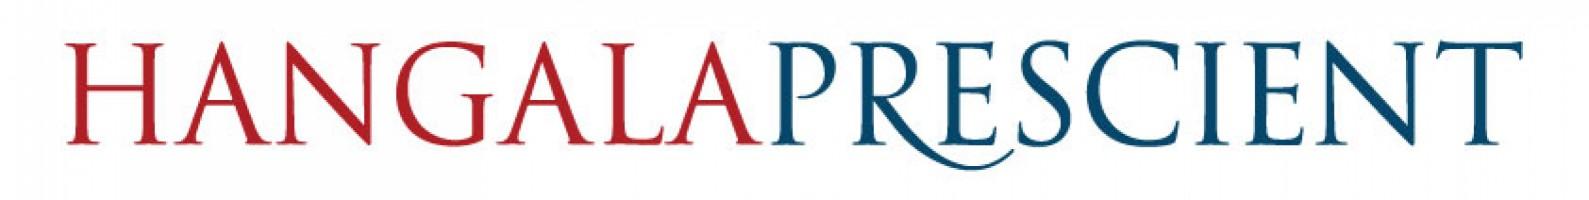 EMHPrescient Name Changes To HangalaPrescient